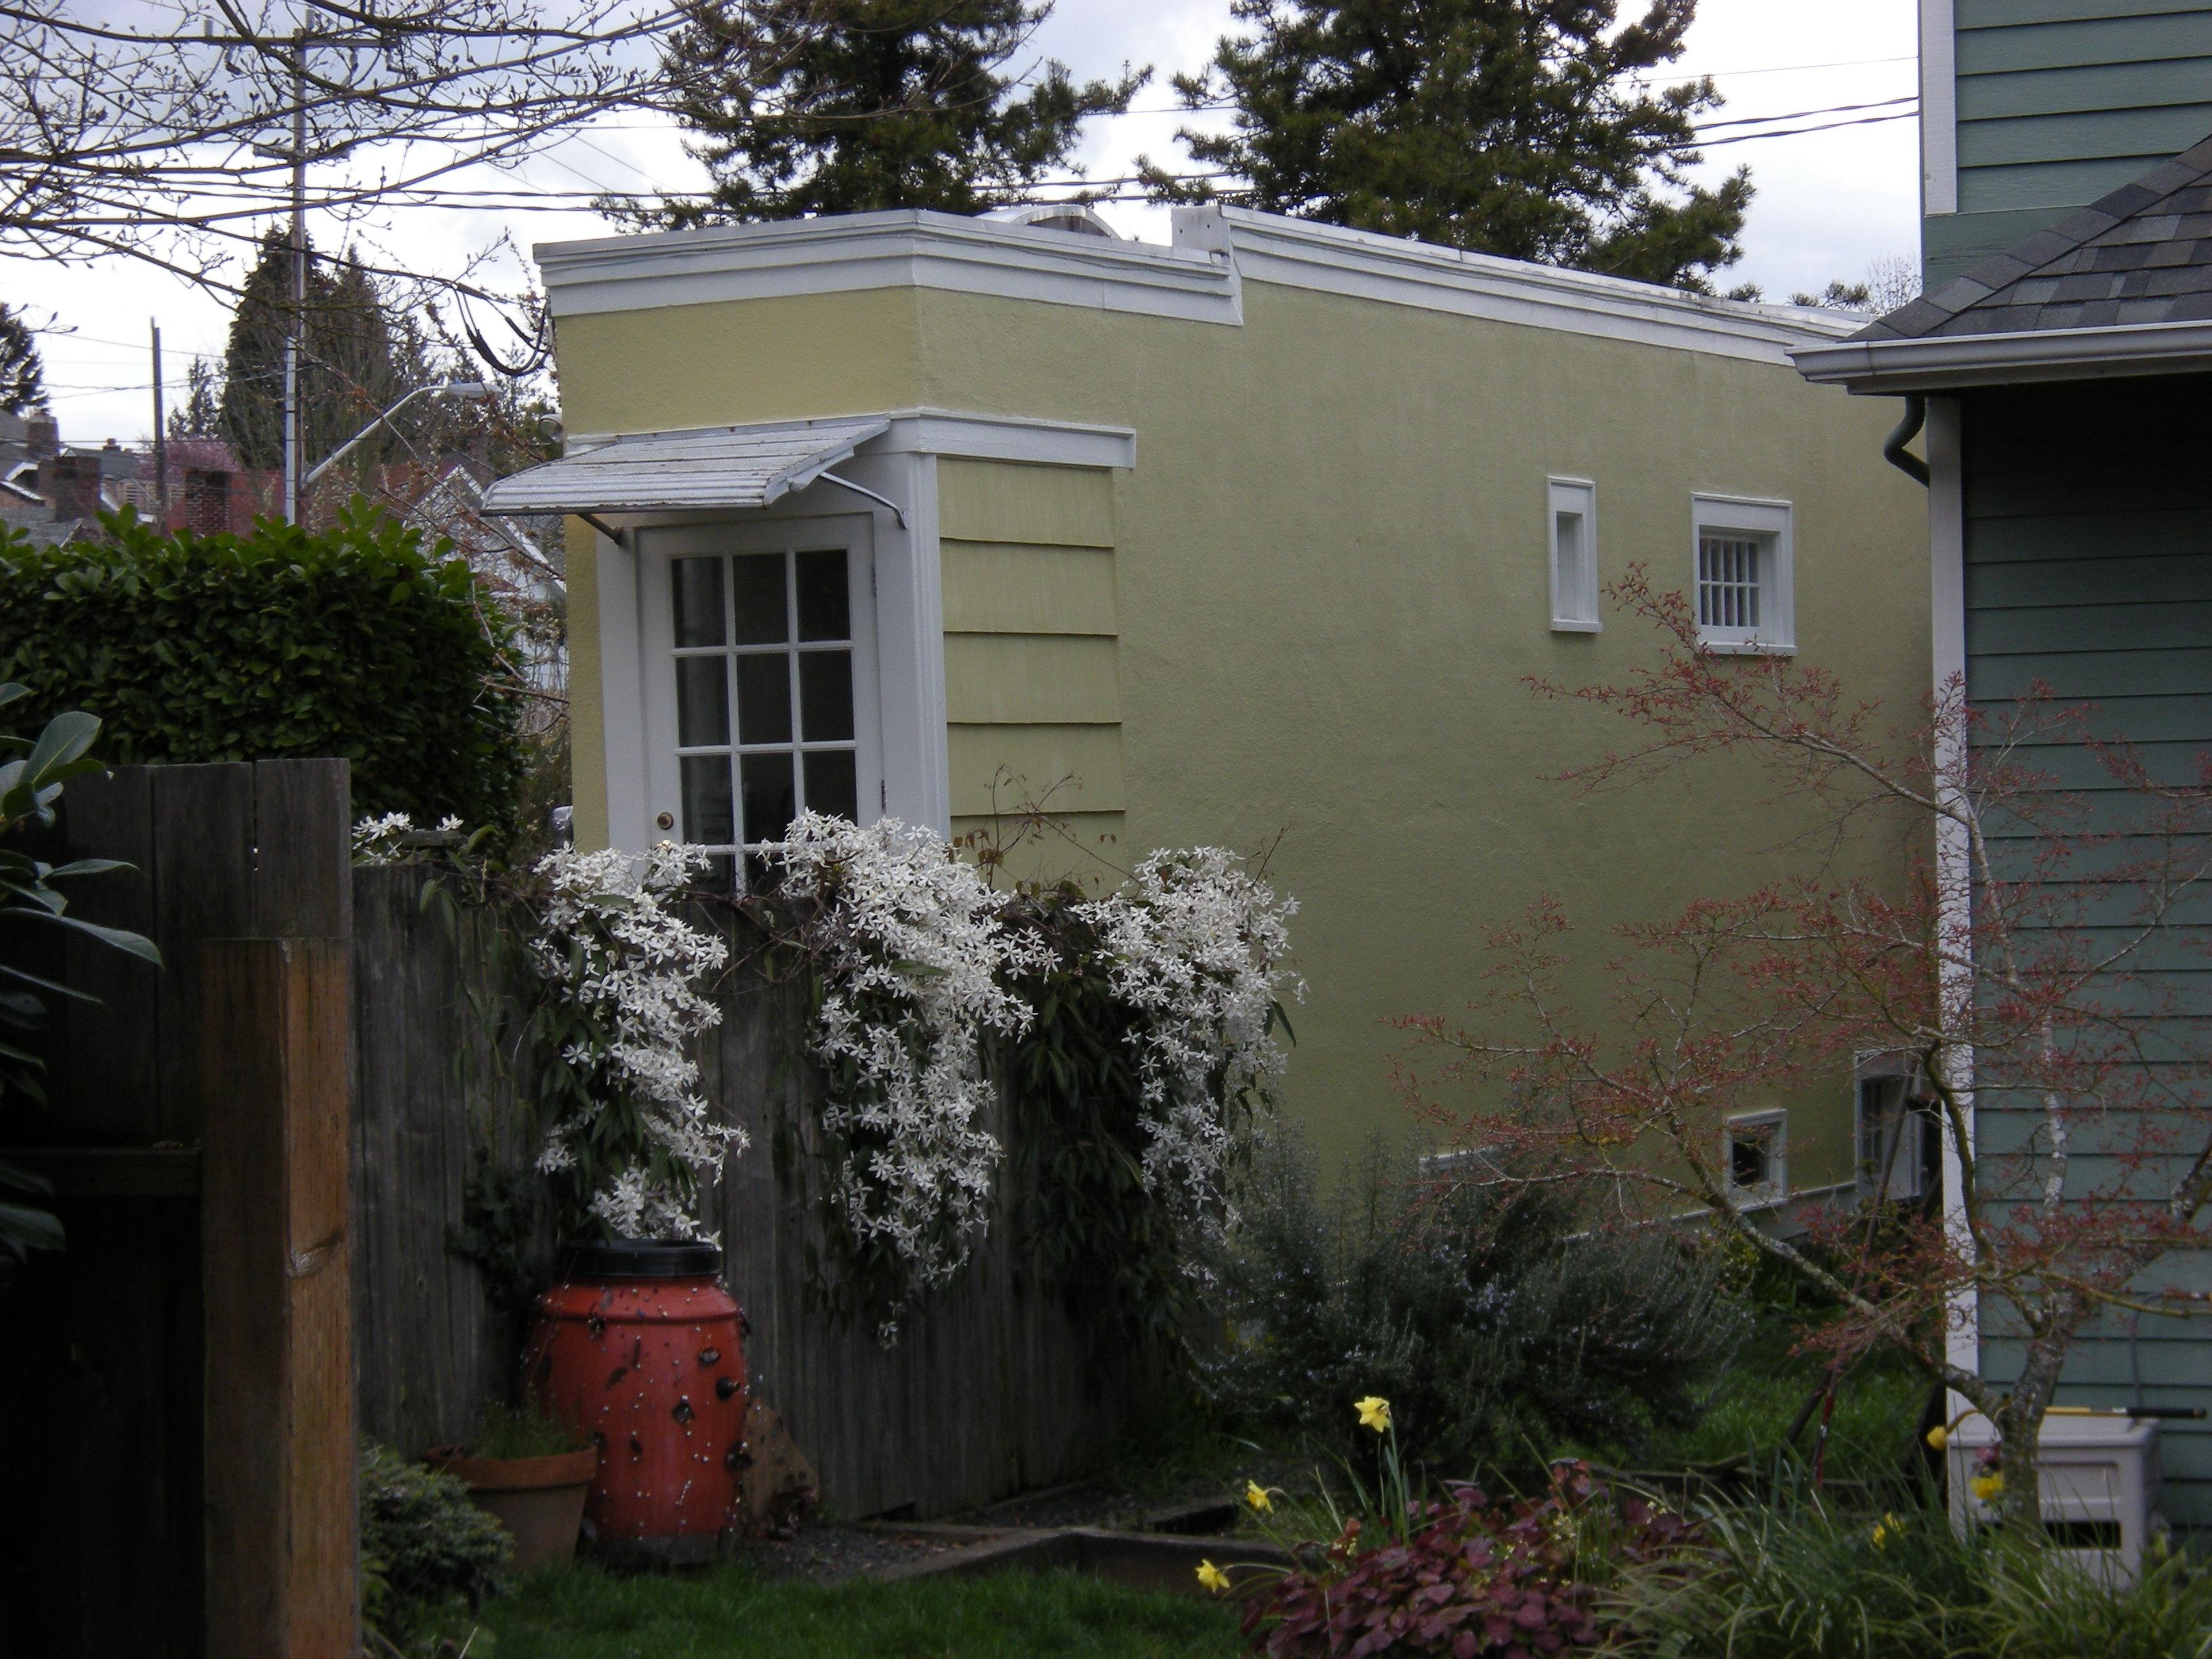 File:Montlake Spite House 04.jpg - Wikimedia Commons